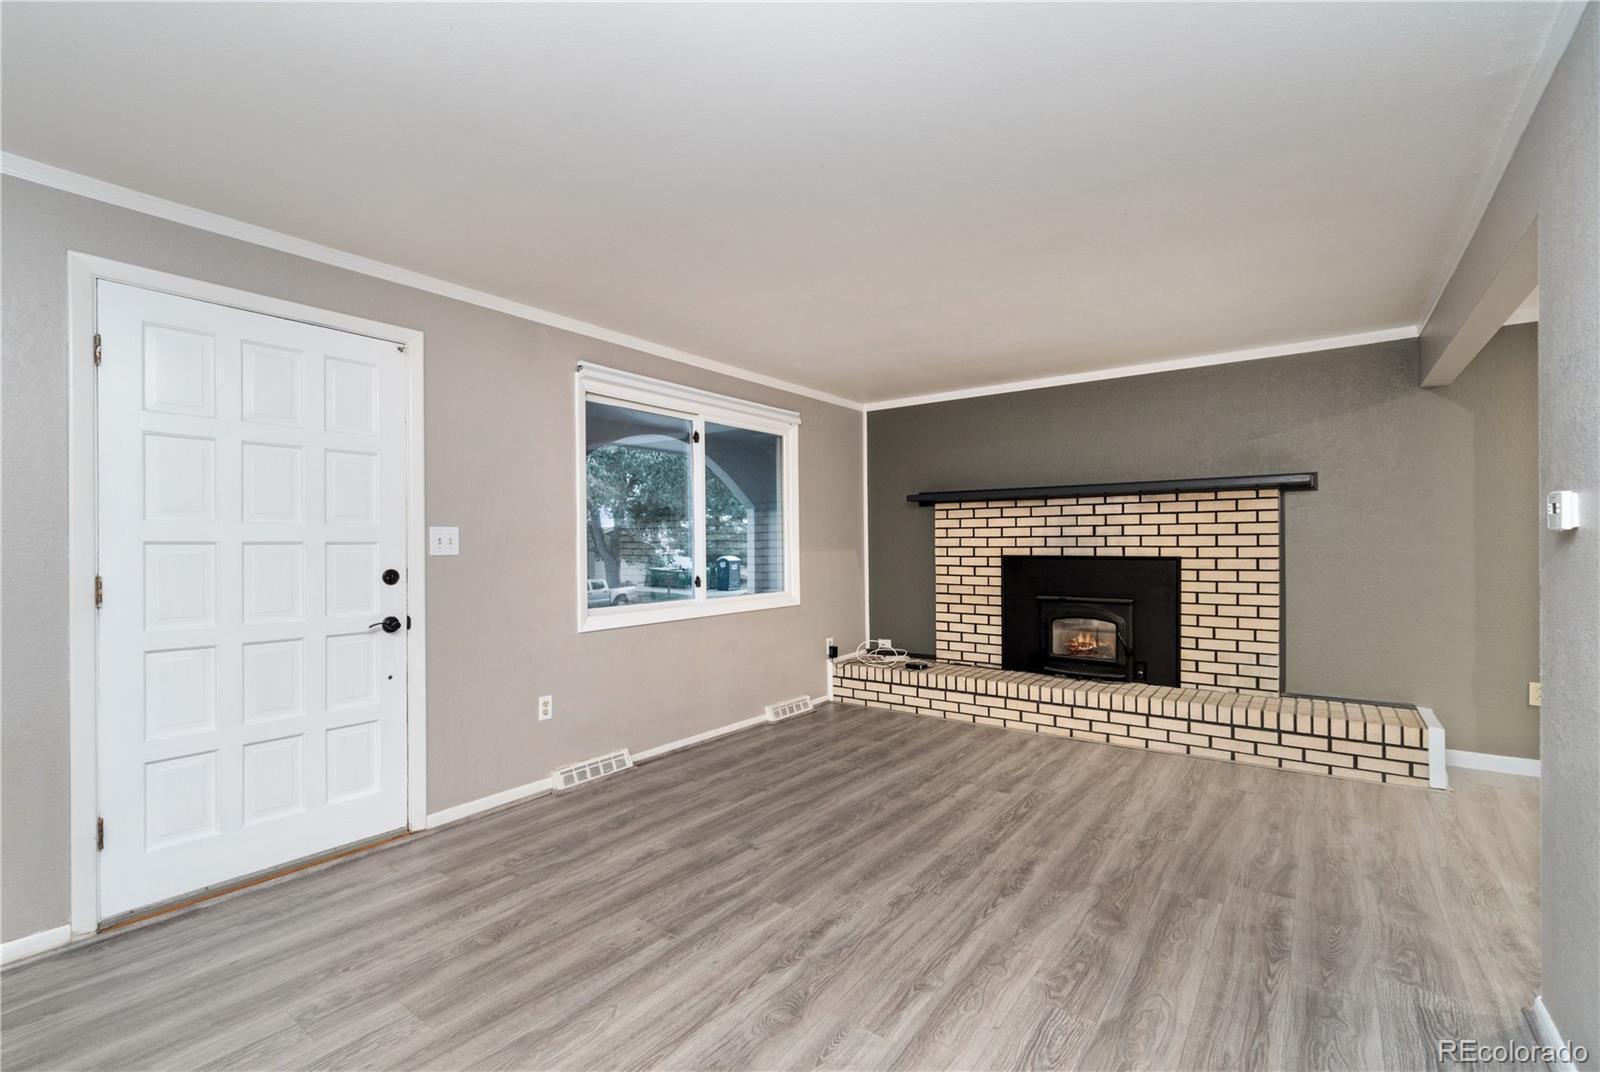 MLS# 8982790 - 3 - 735 S Braun Street, Lakewood, CO 80228